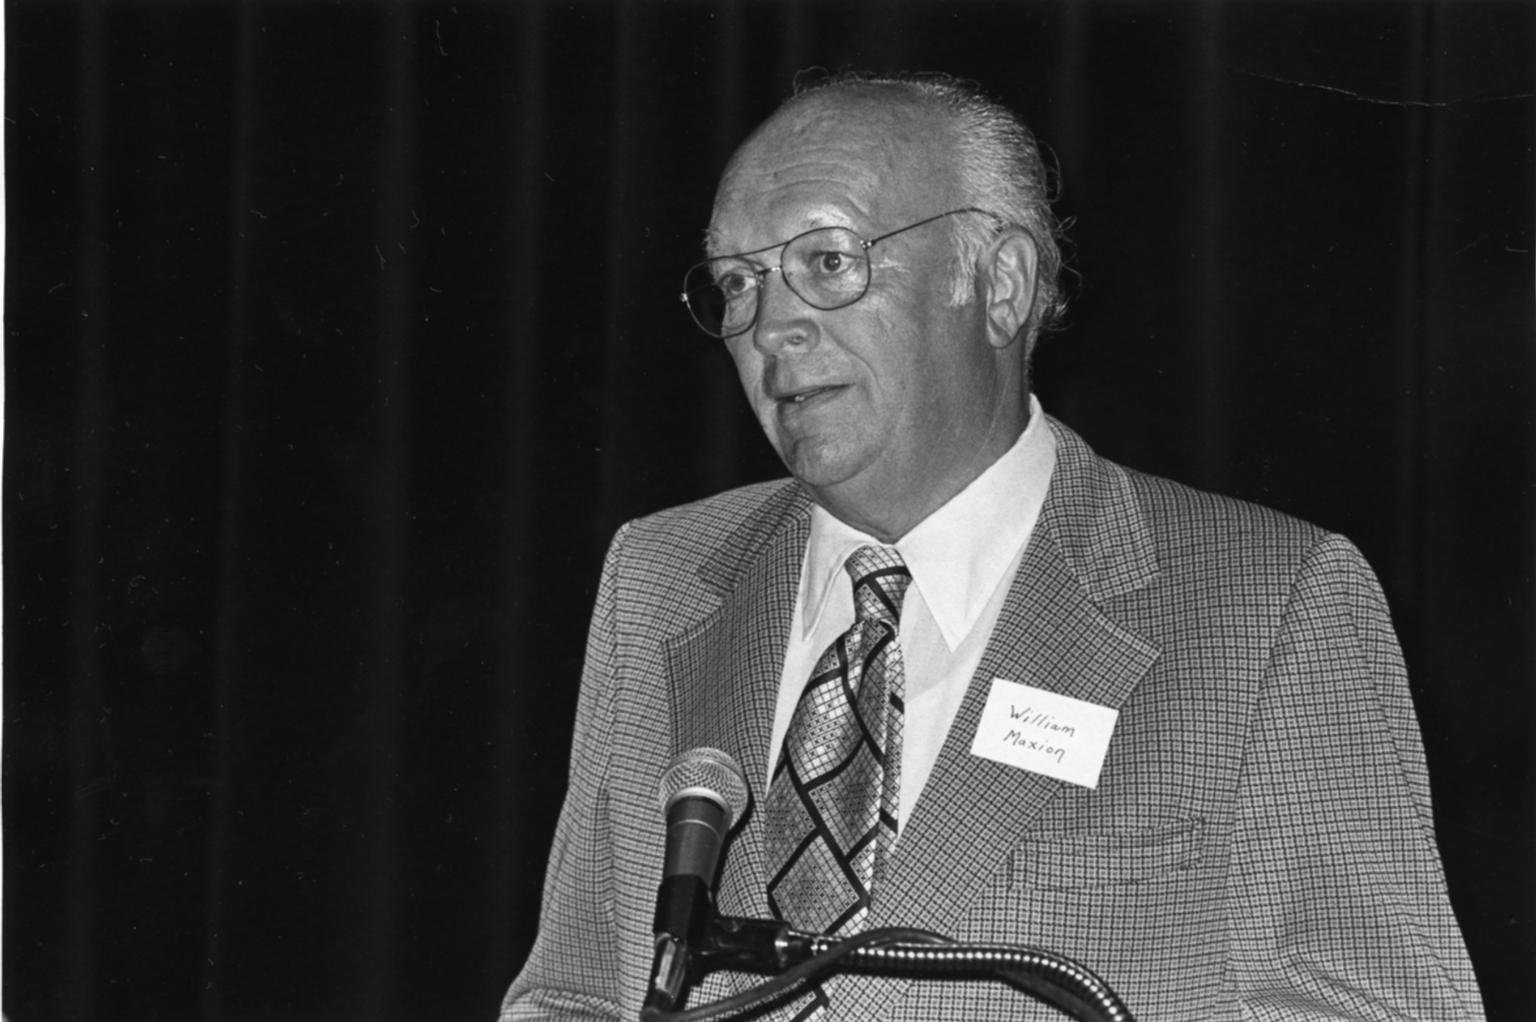 William J. Maxion